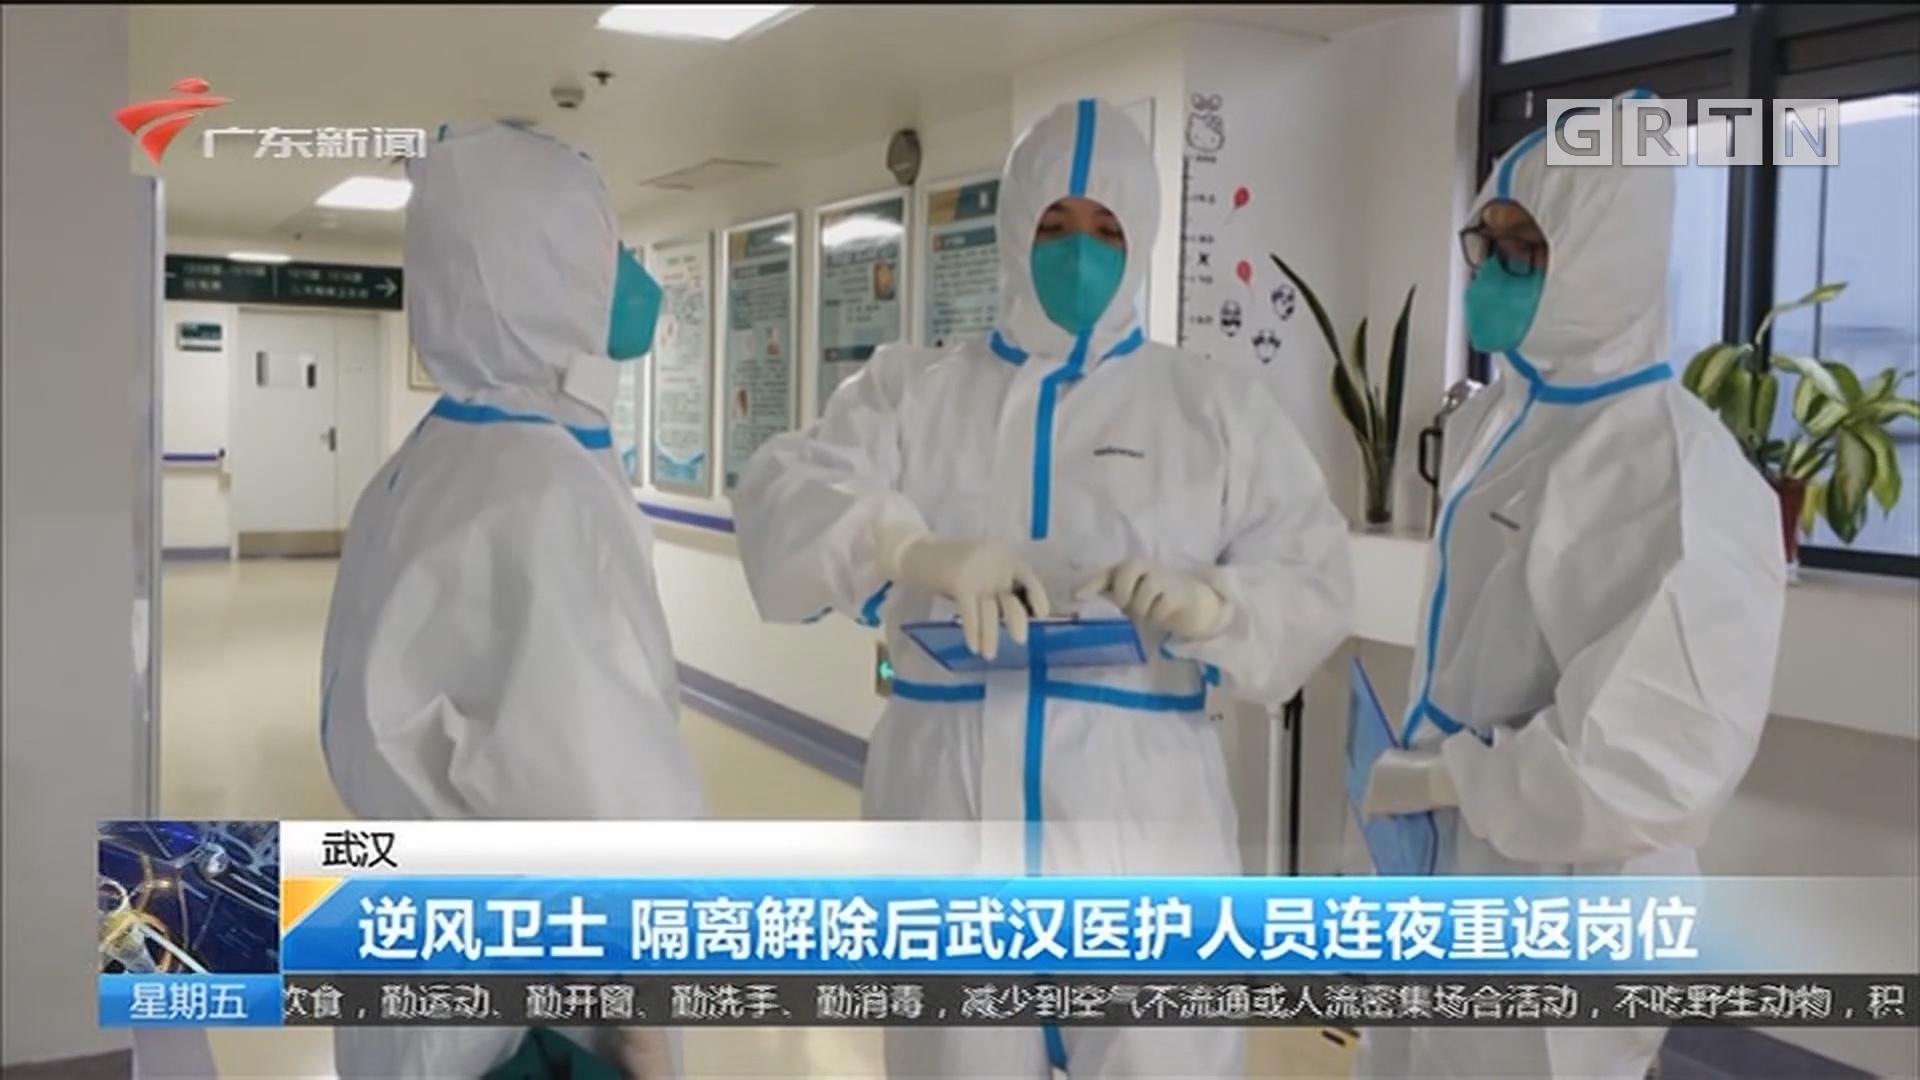 武汉:逆风卫士 隔离解除后武汉医护人员连夜重返岗位